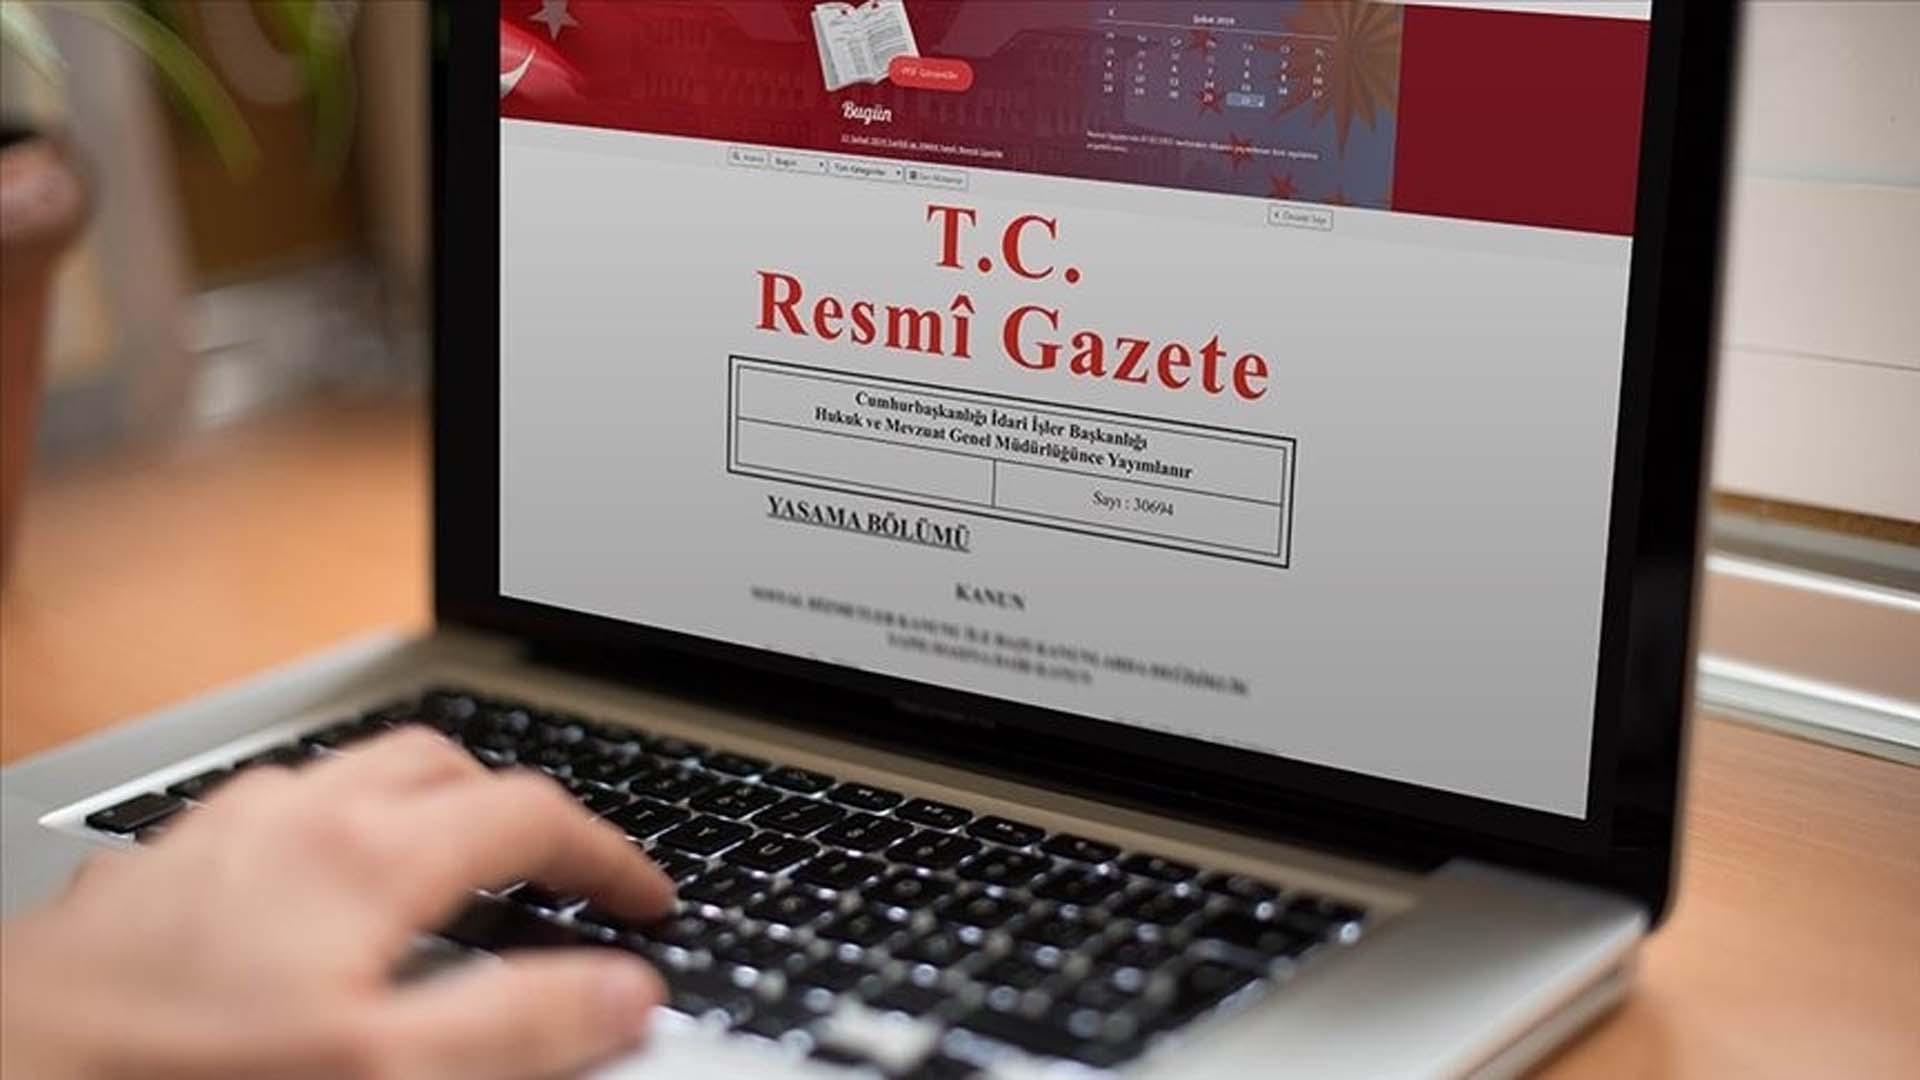 Resmi Gazete yayımlandı! Cumhurbaşkanı Erdoğan o isimleri tek tek görevden aldı! İşte yapılan yeni atamalar